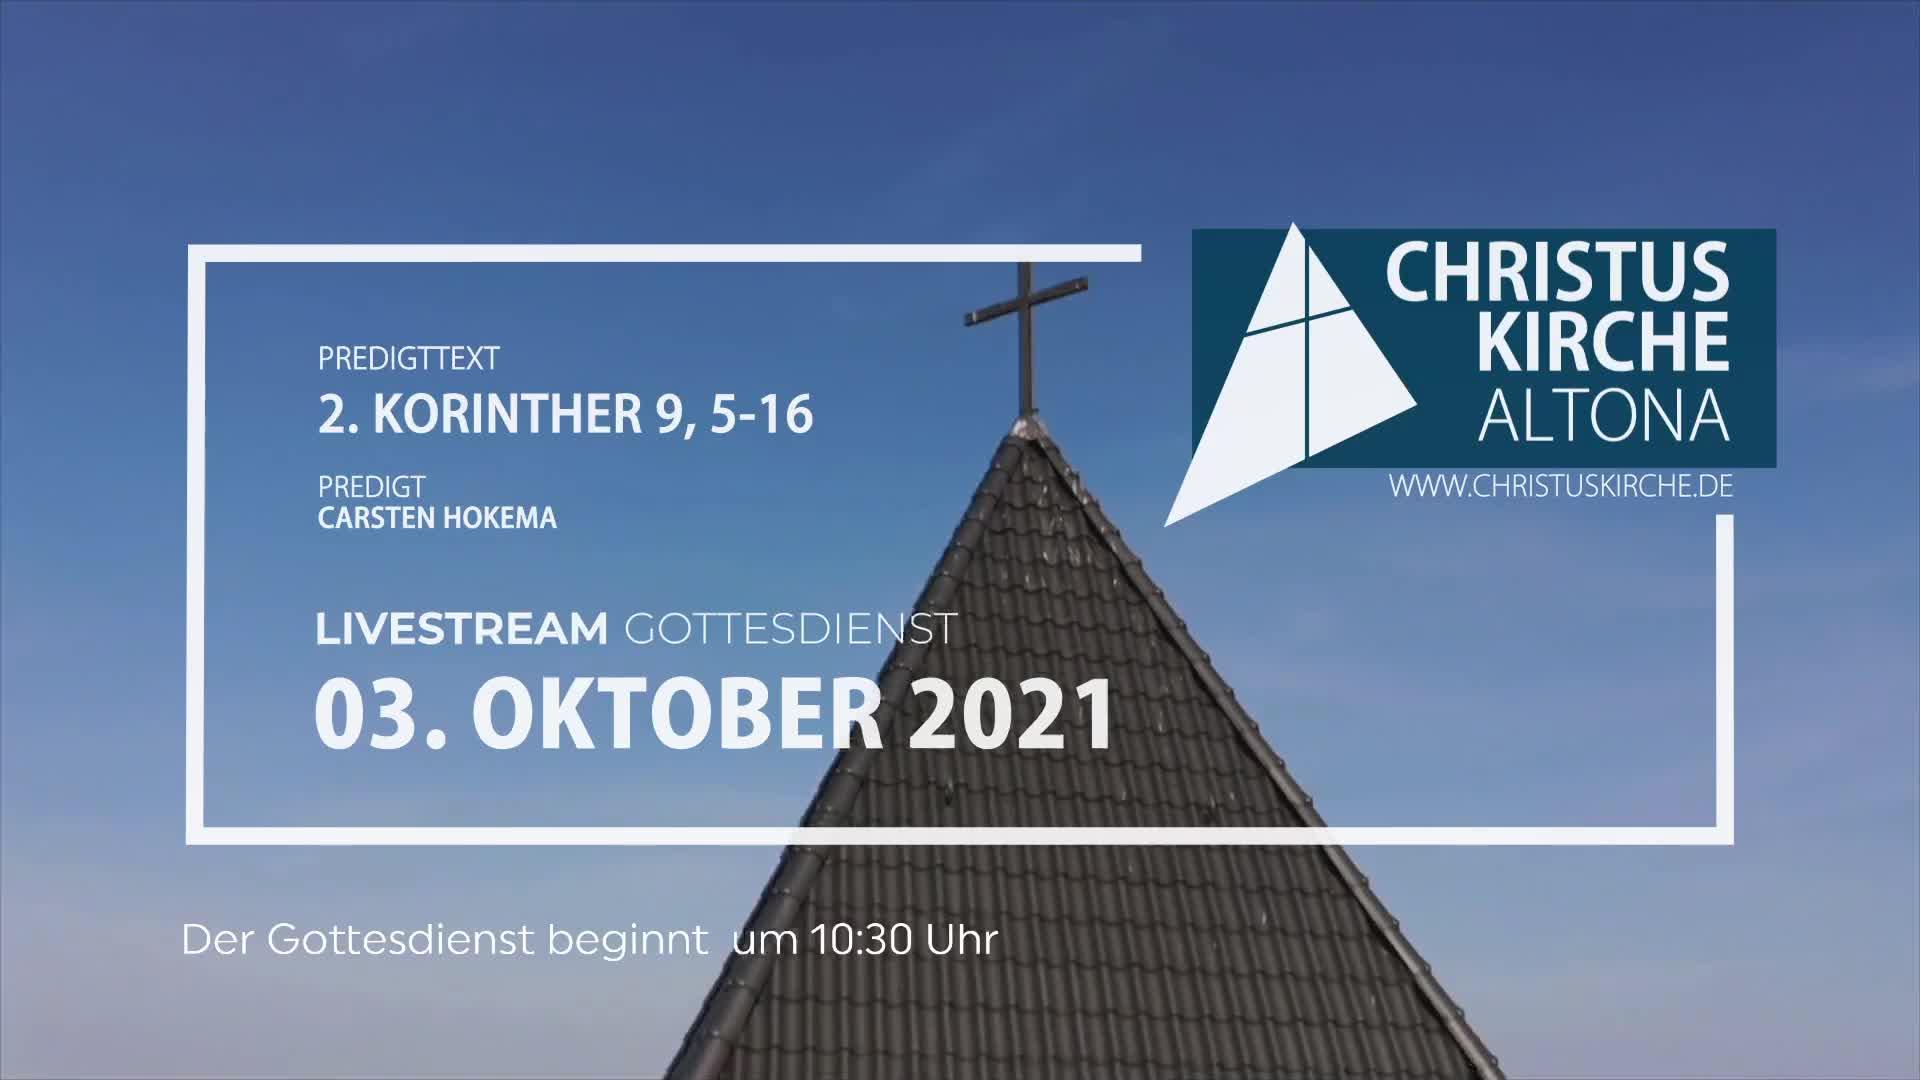 Gottesdienst - am 03. Oktober - Livestream aus der Christuskirche Altona